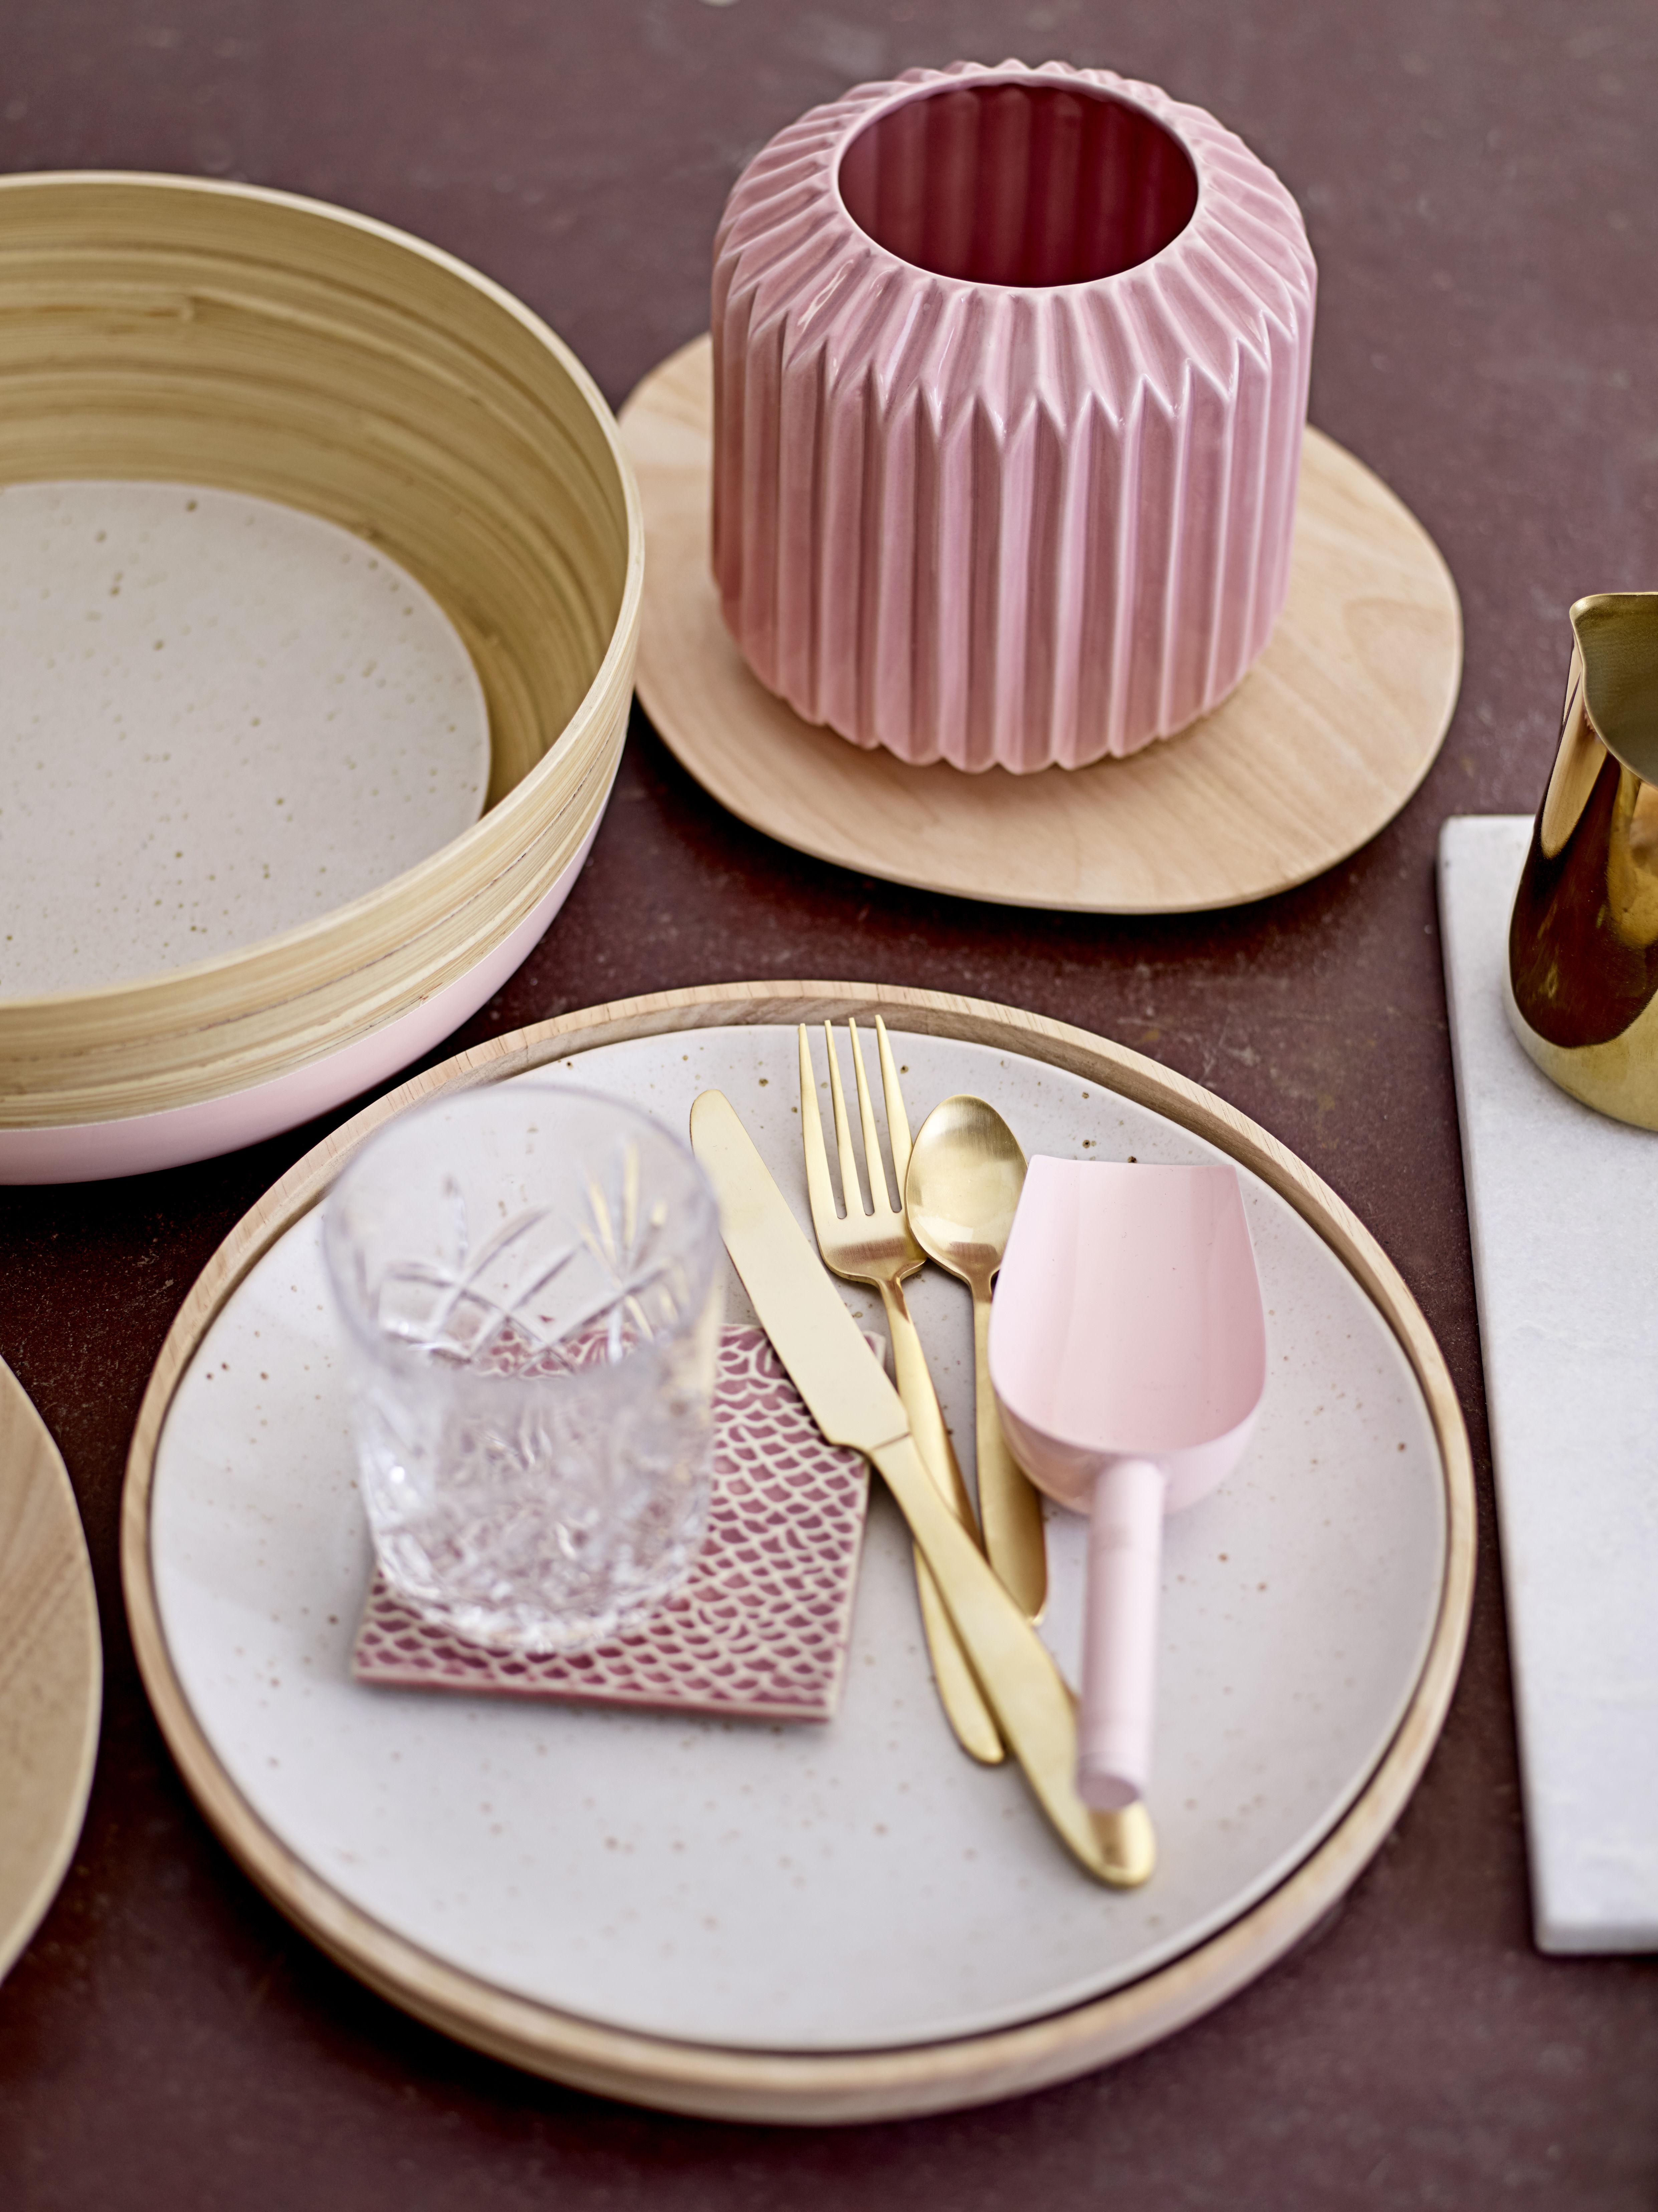 besteck set von bloomingville gold metall made in design. Black Bedroom Furniture Sets. Home Design Ideas